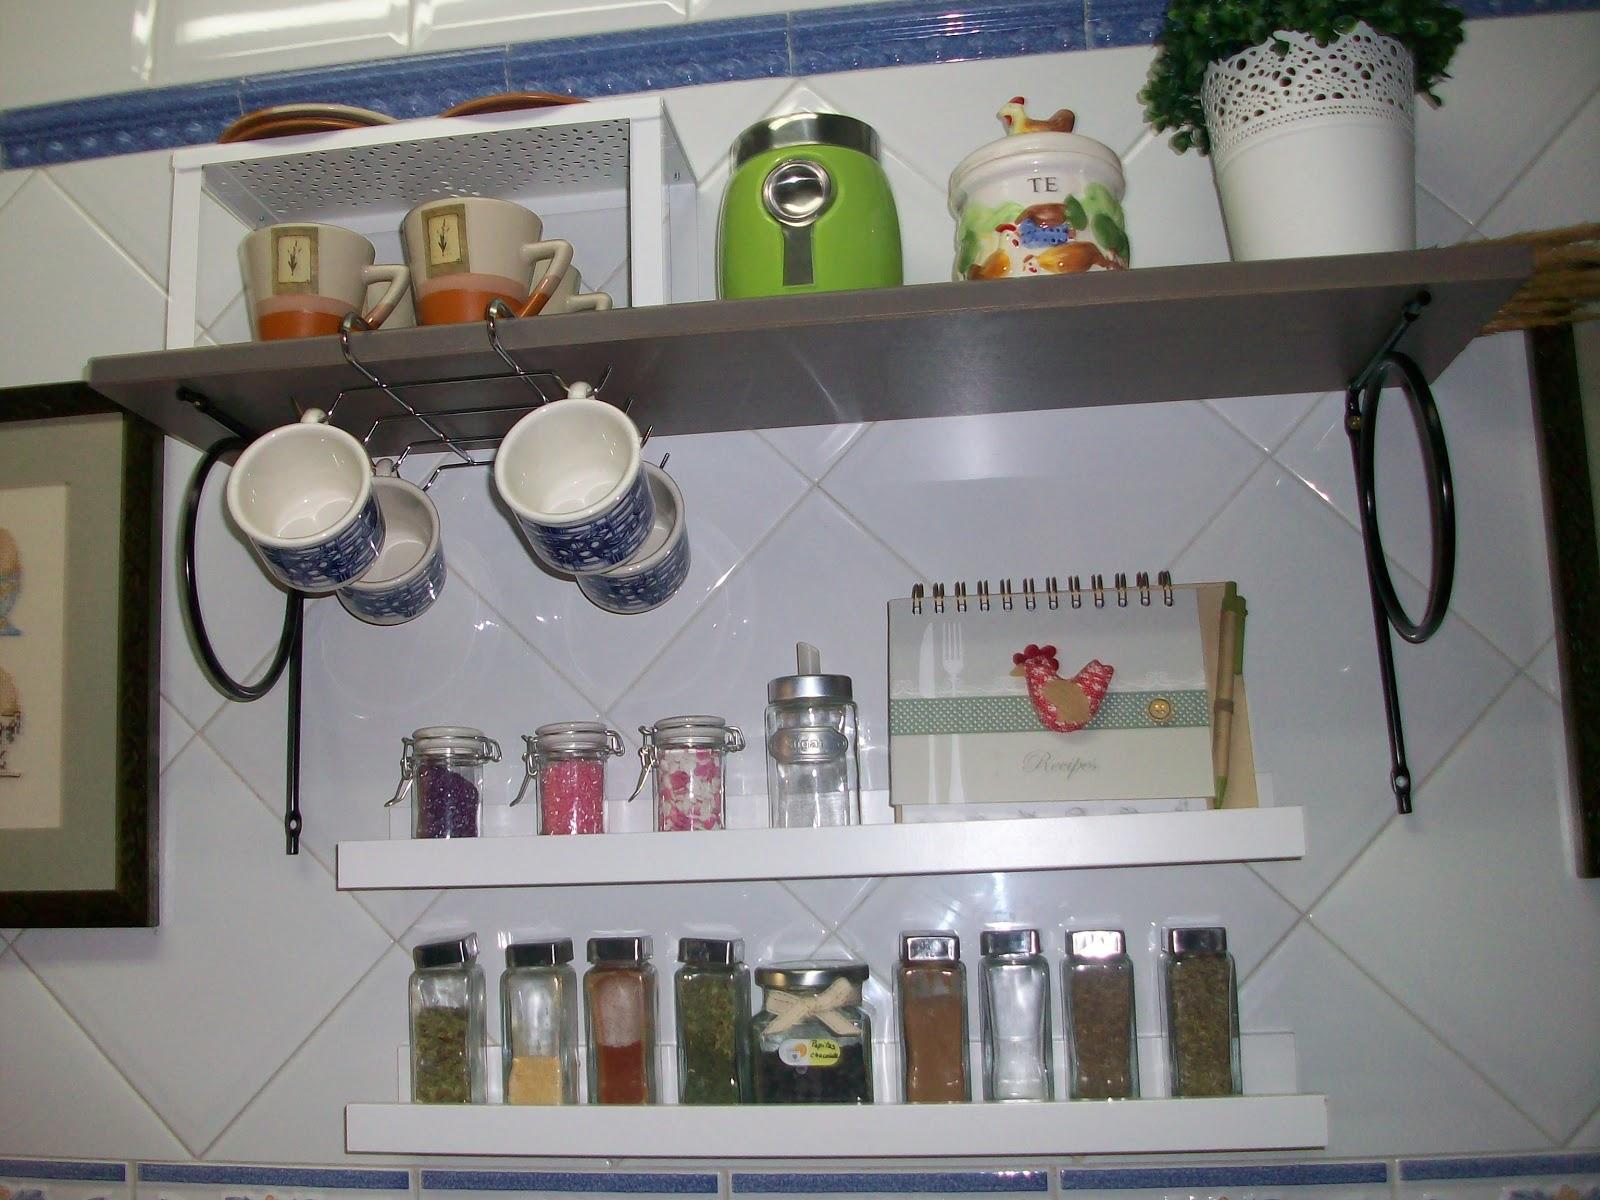 Top imagenes de cosas recicladas wallpapers - Sofas de cocina ...